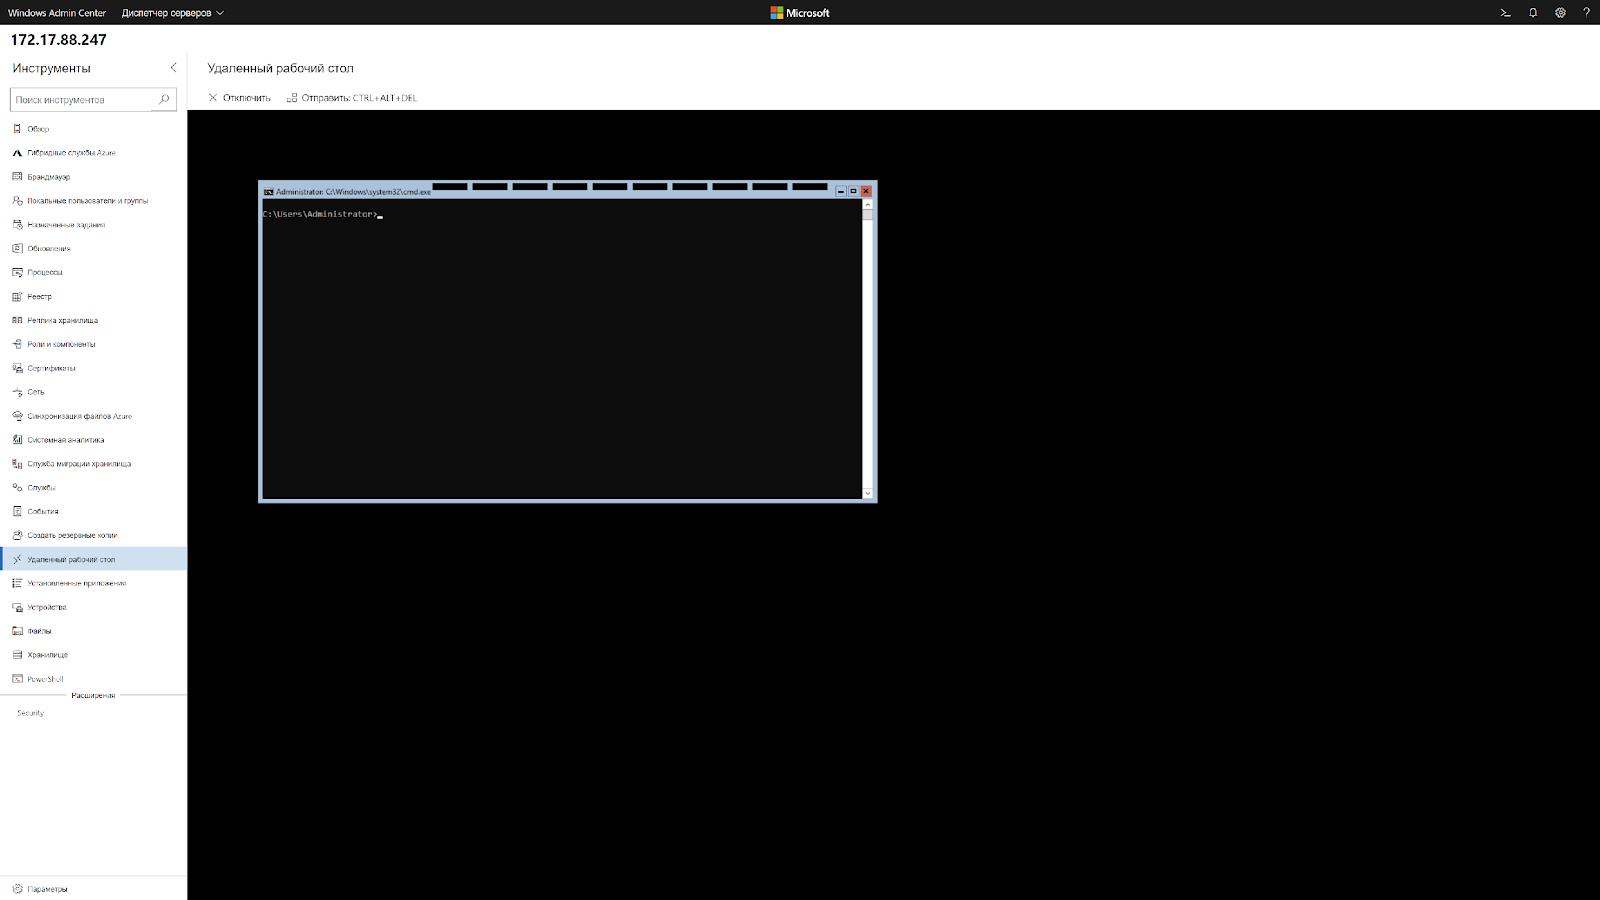 Управляем Windows Server из Windows Admin Center - 7